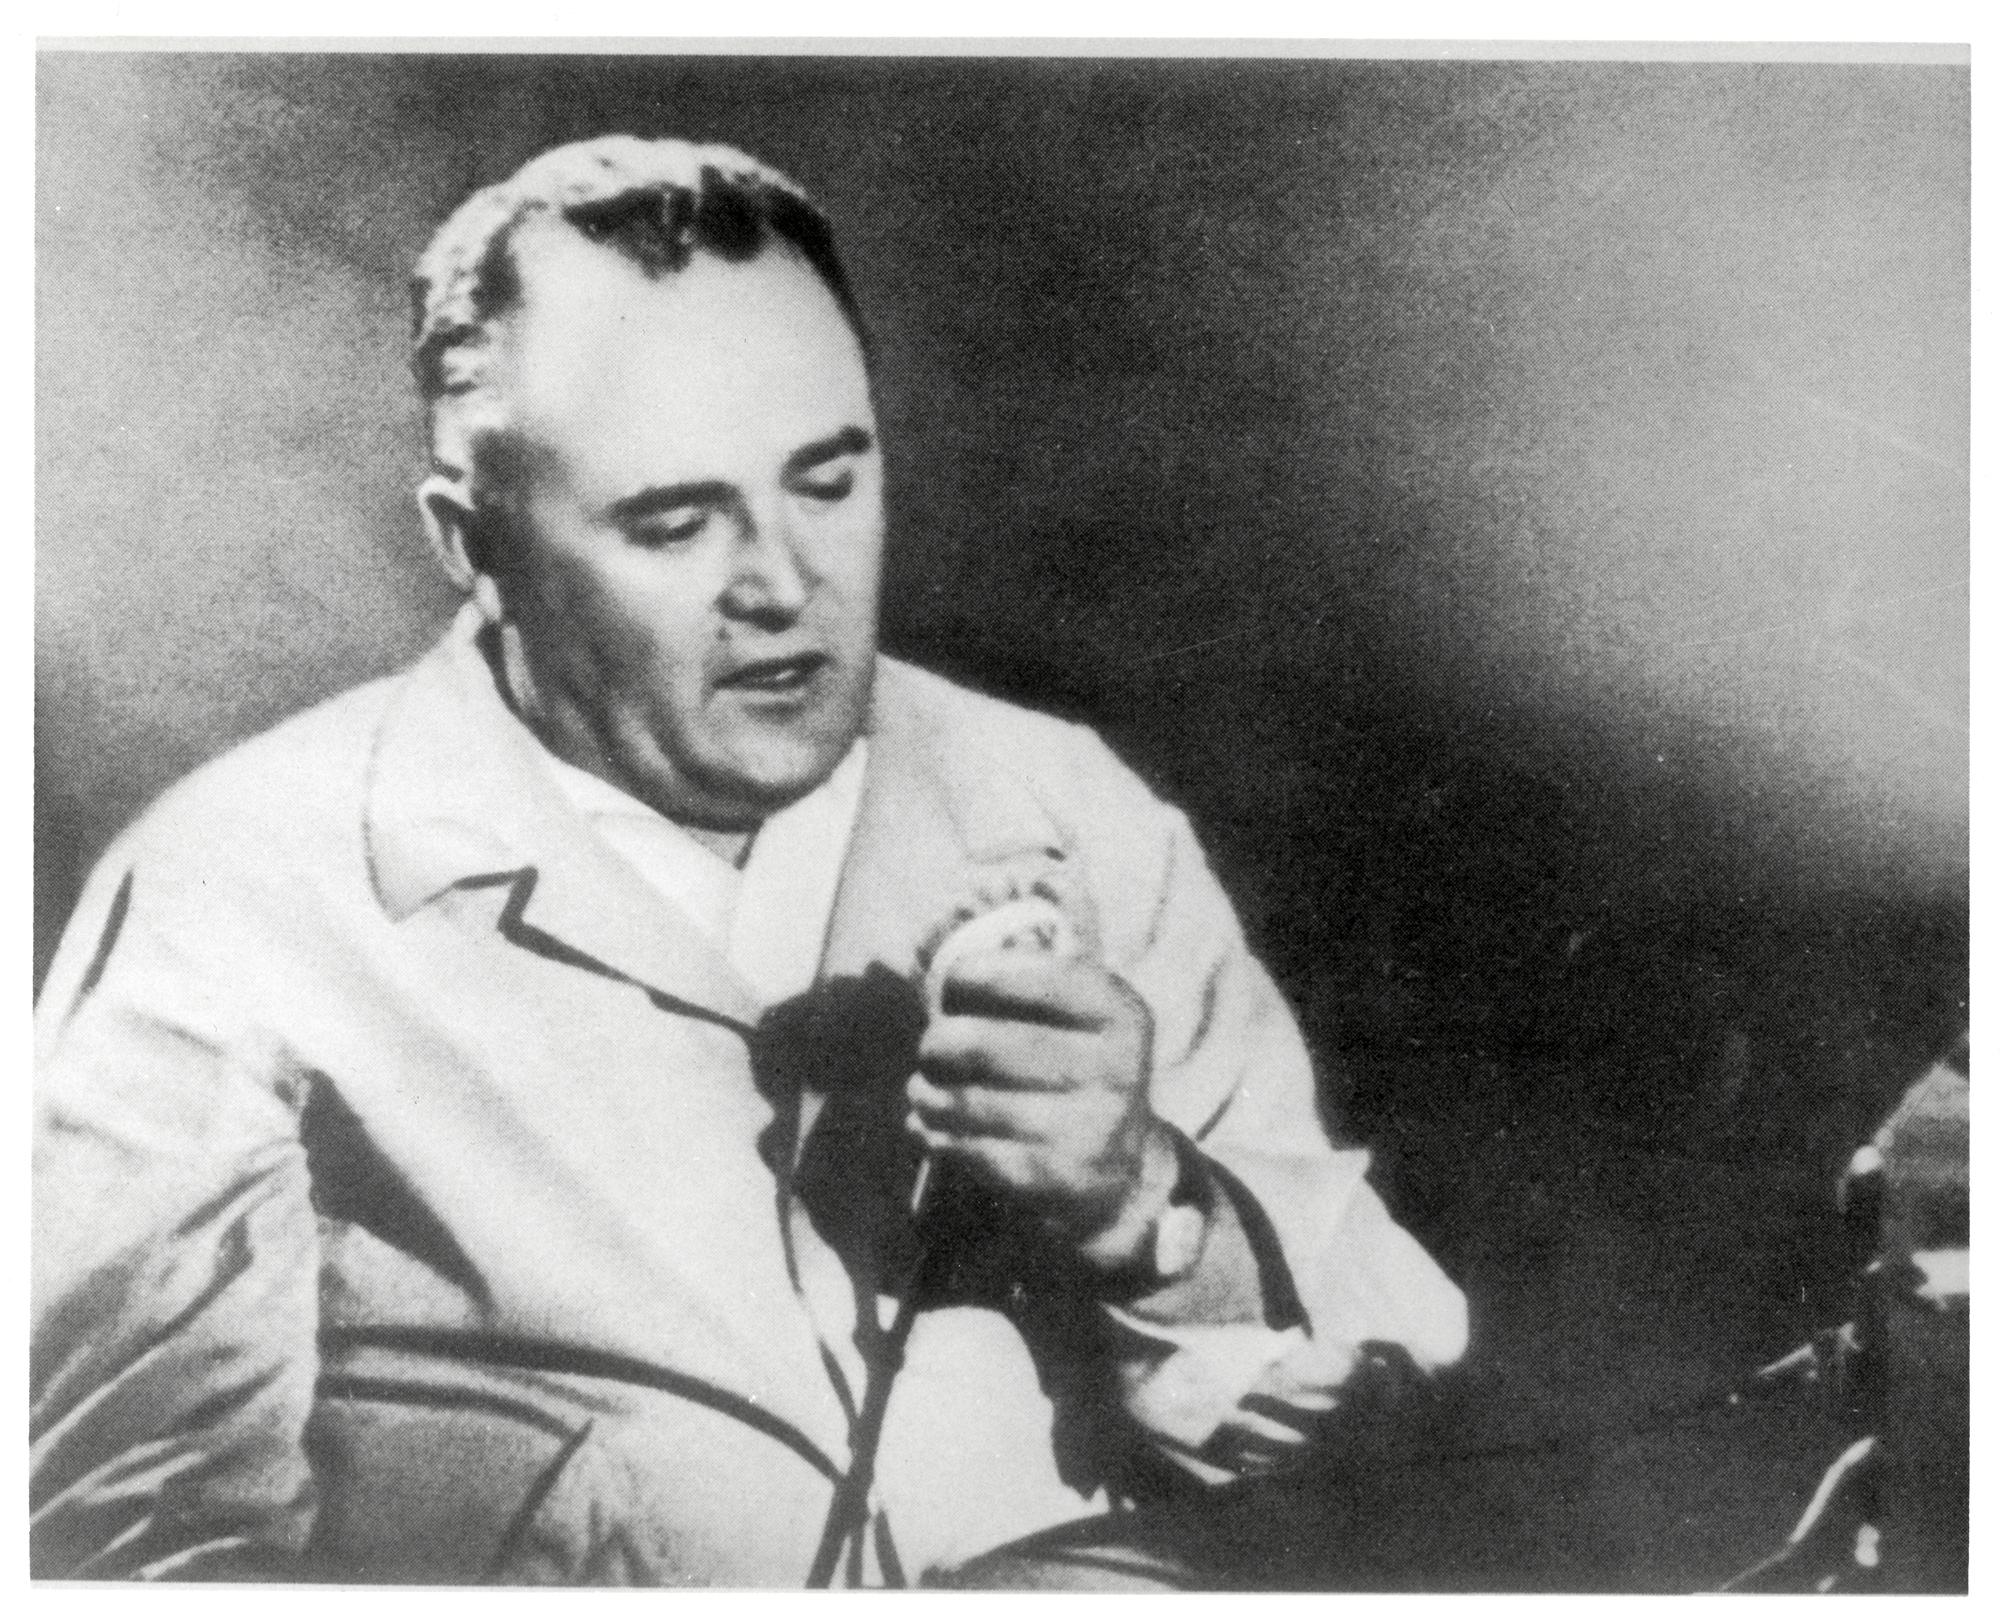 Sergei Pavlovich Korolëv